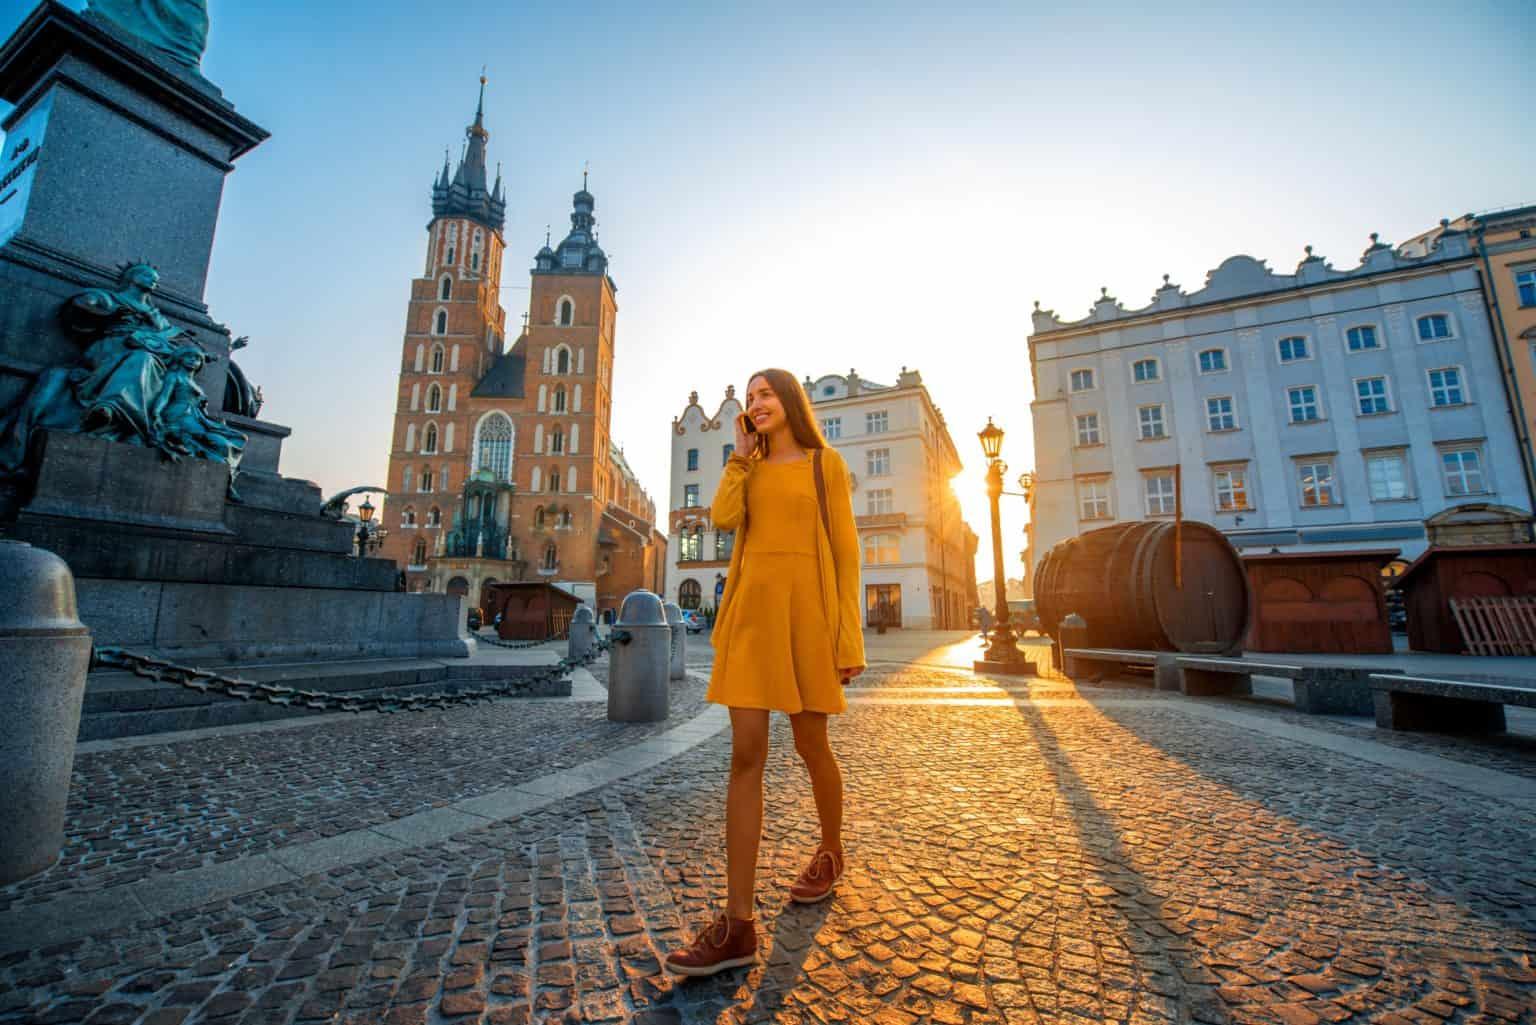 Walking tour in Poland Krakow